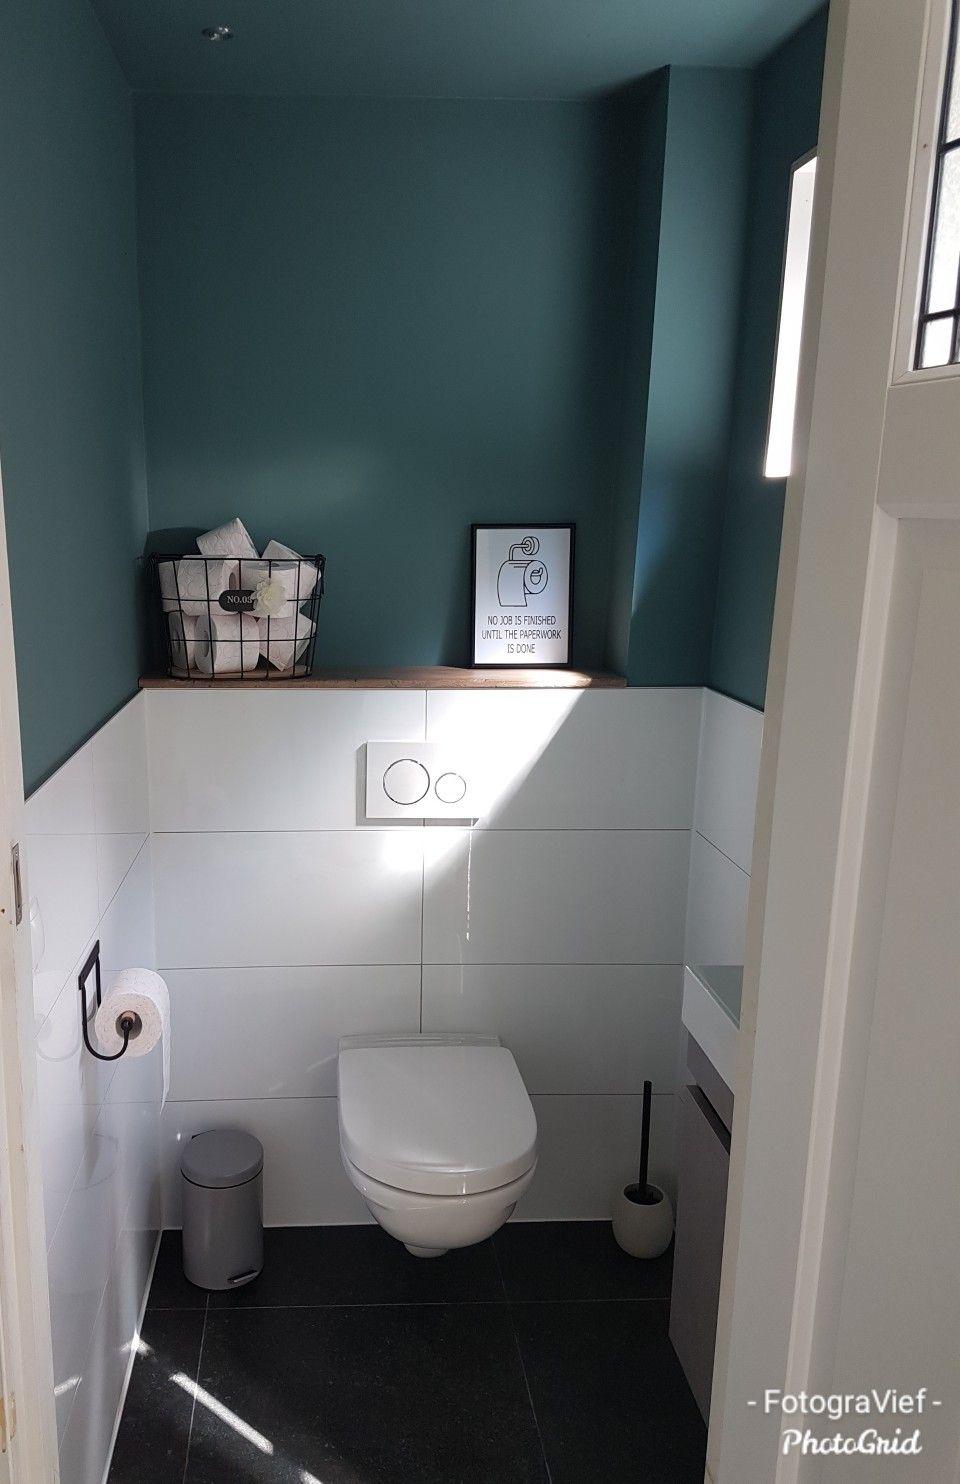 Viefs home: Toilet